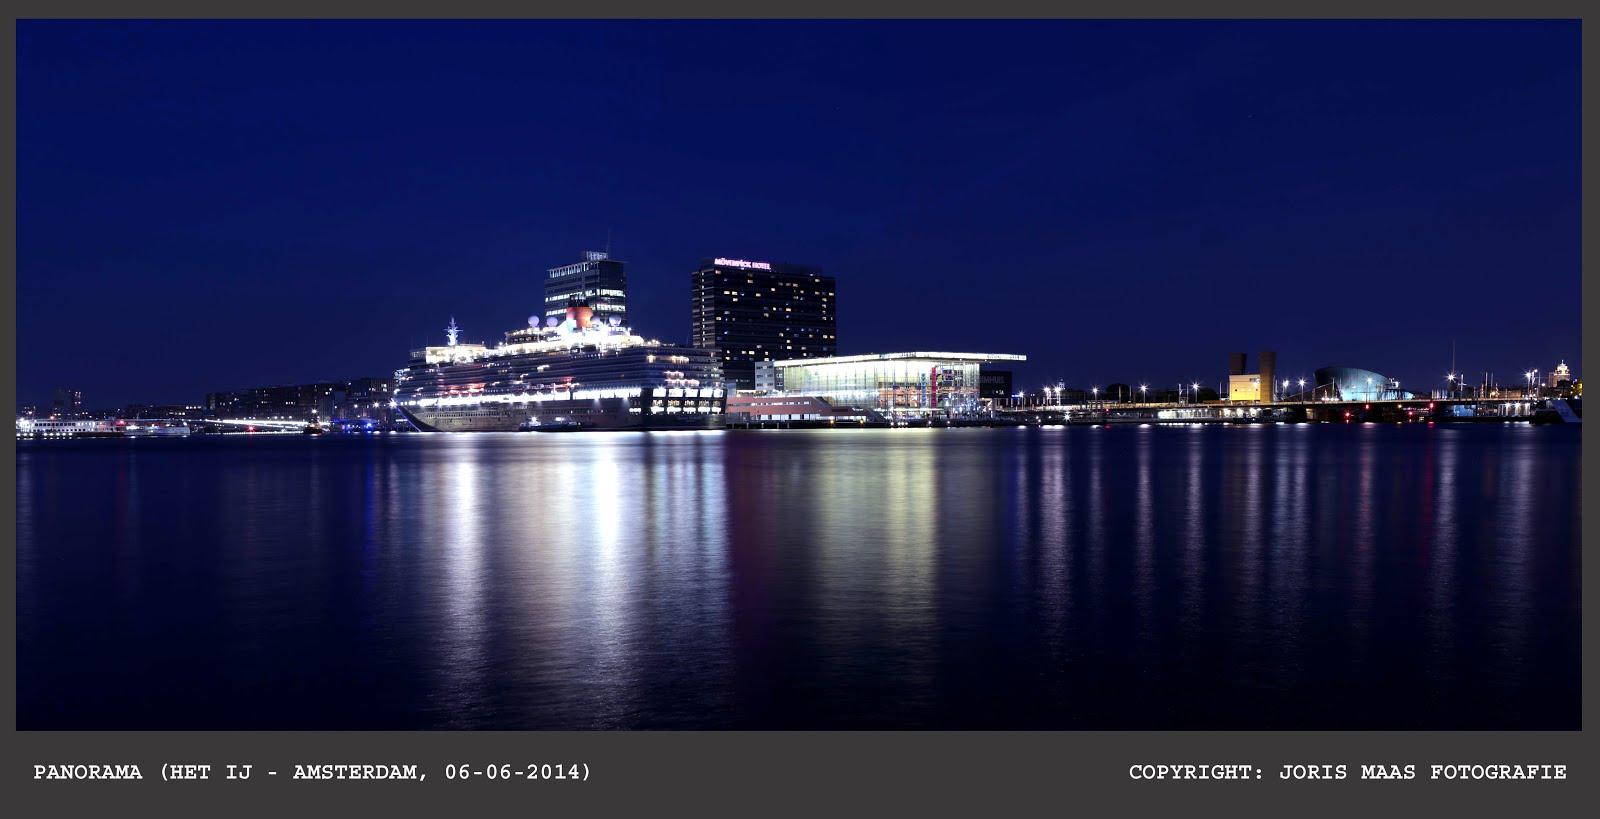 Amsterdam - Het IJ (Cruiseship)